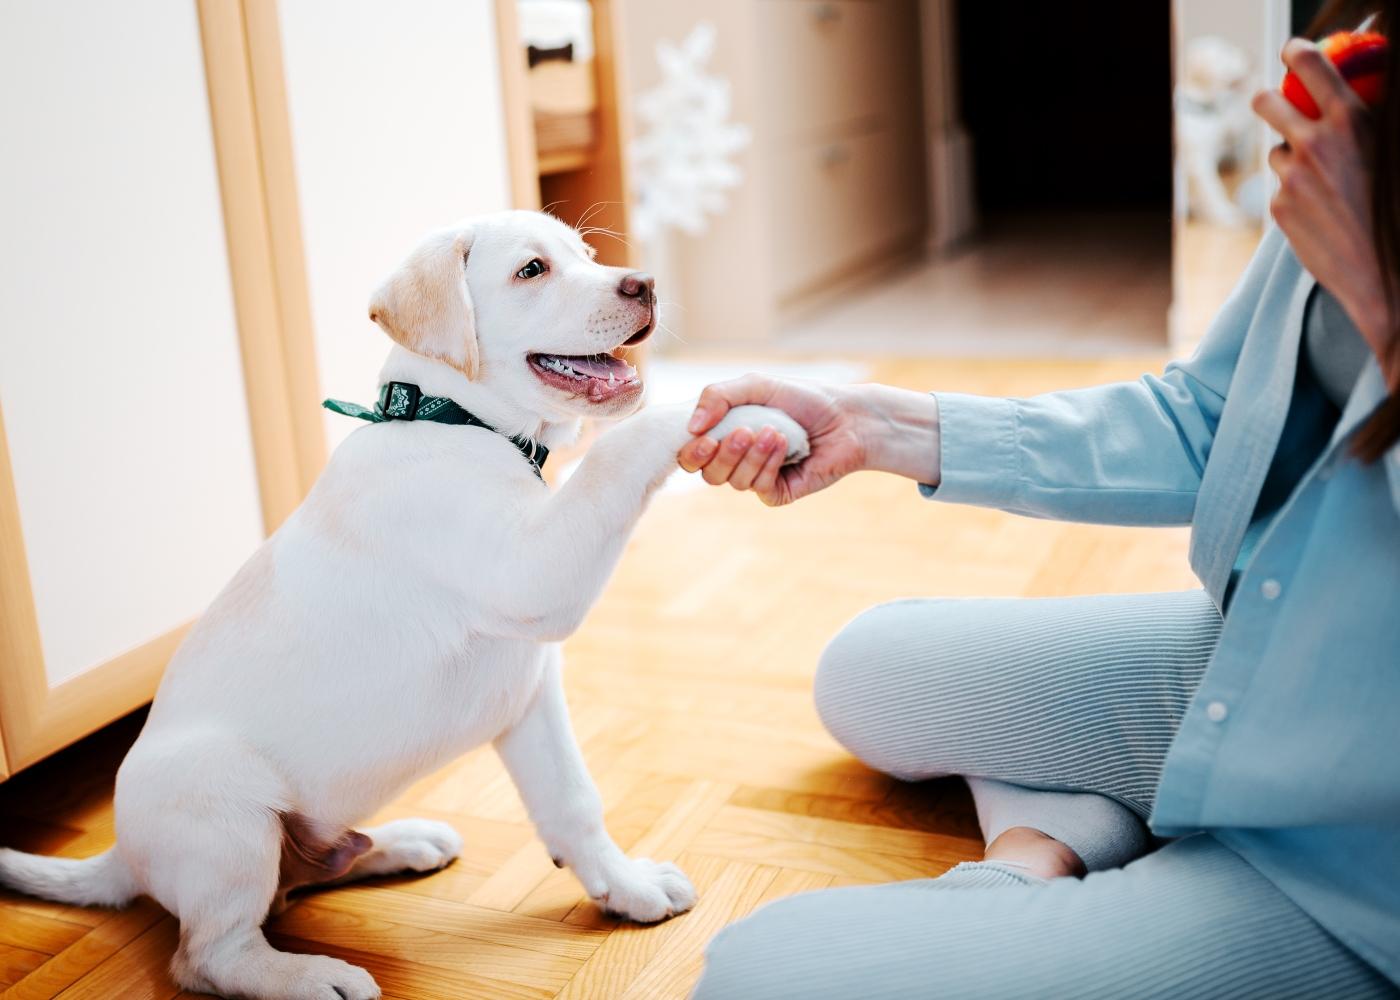 exercícios que pode fazer com o seu cão em casa: ensinar truques